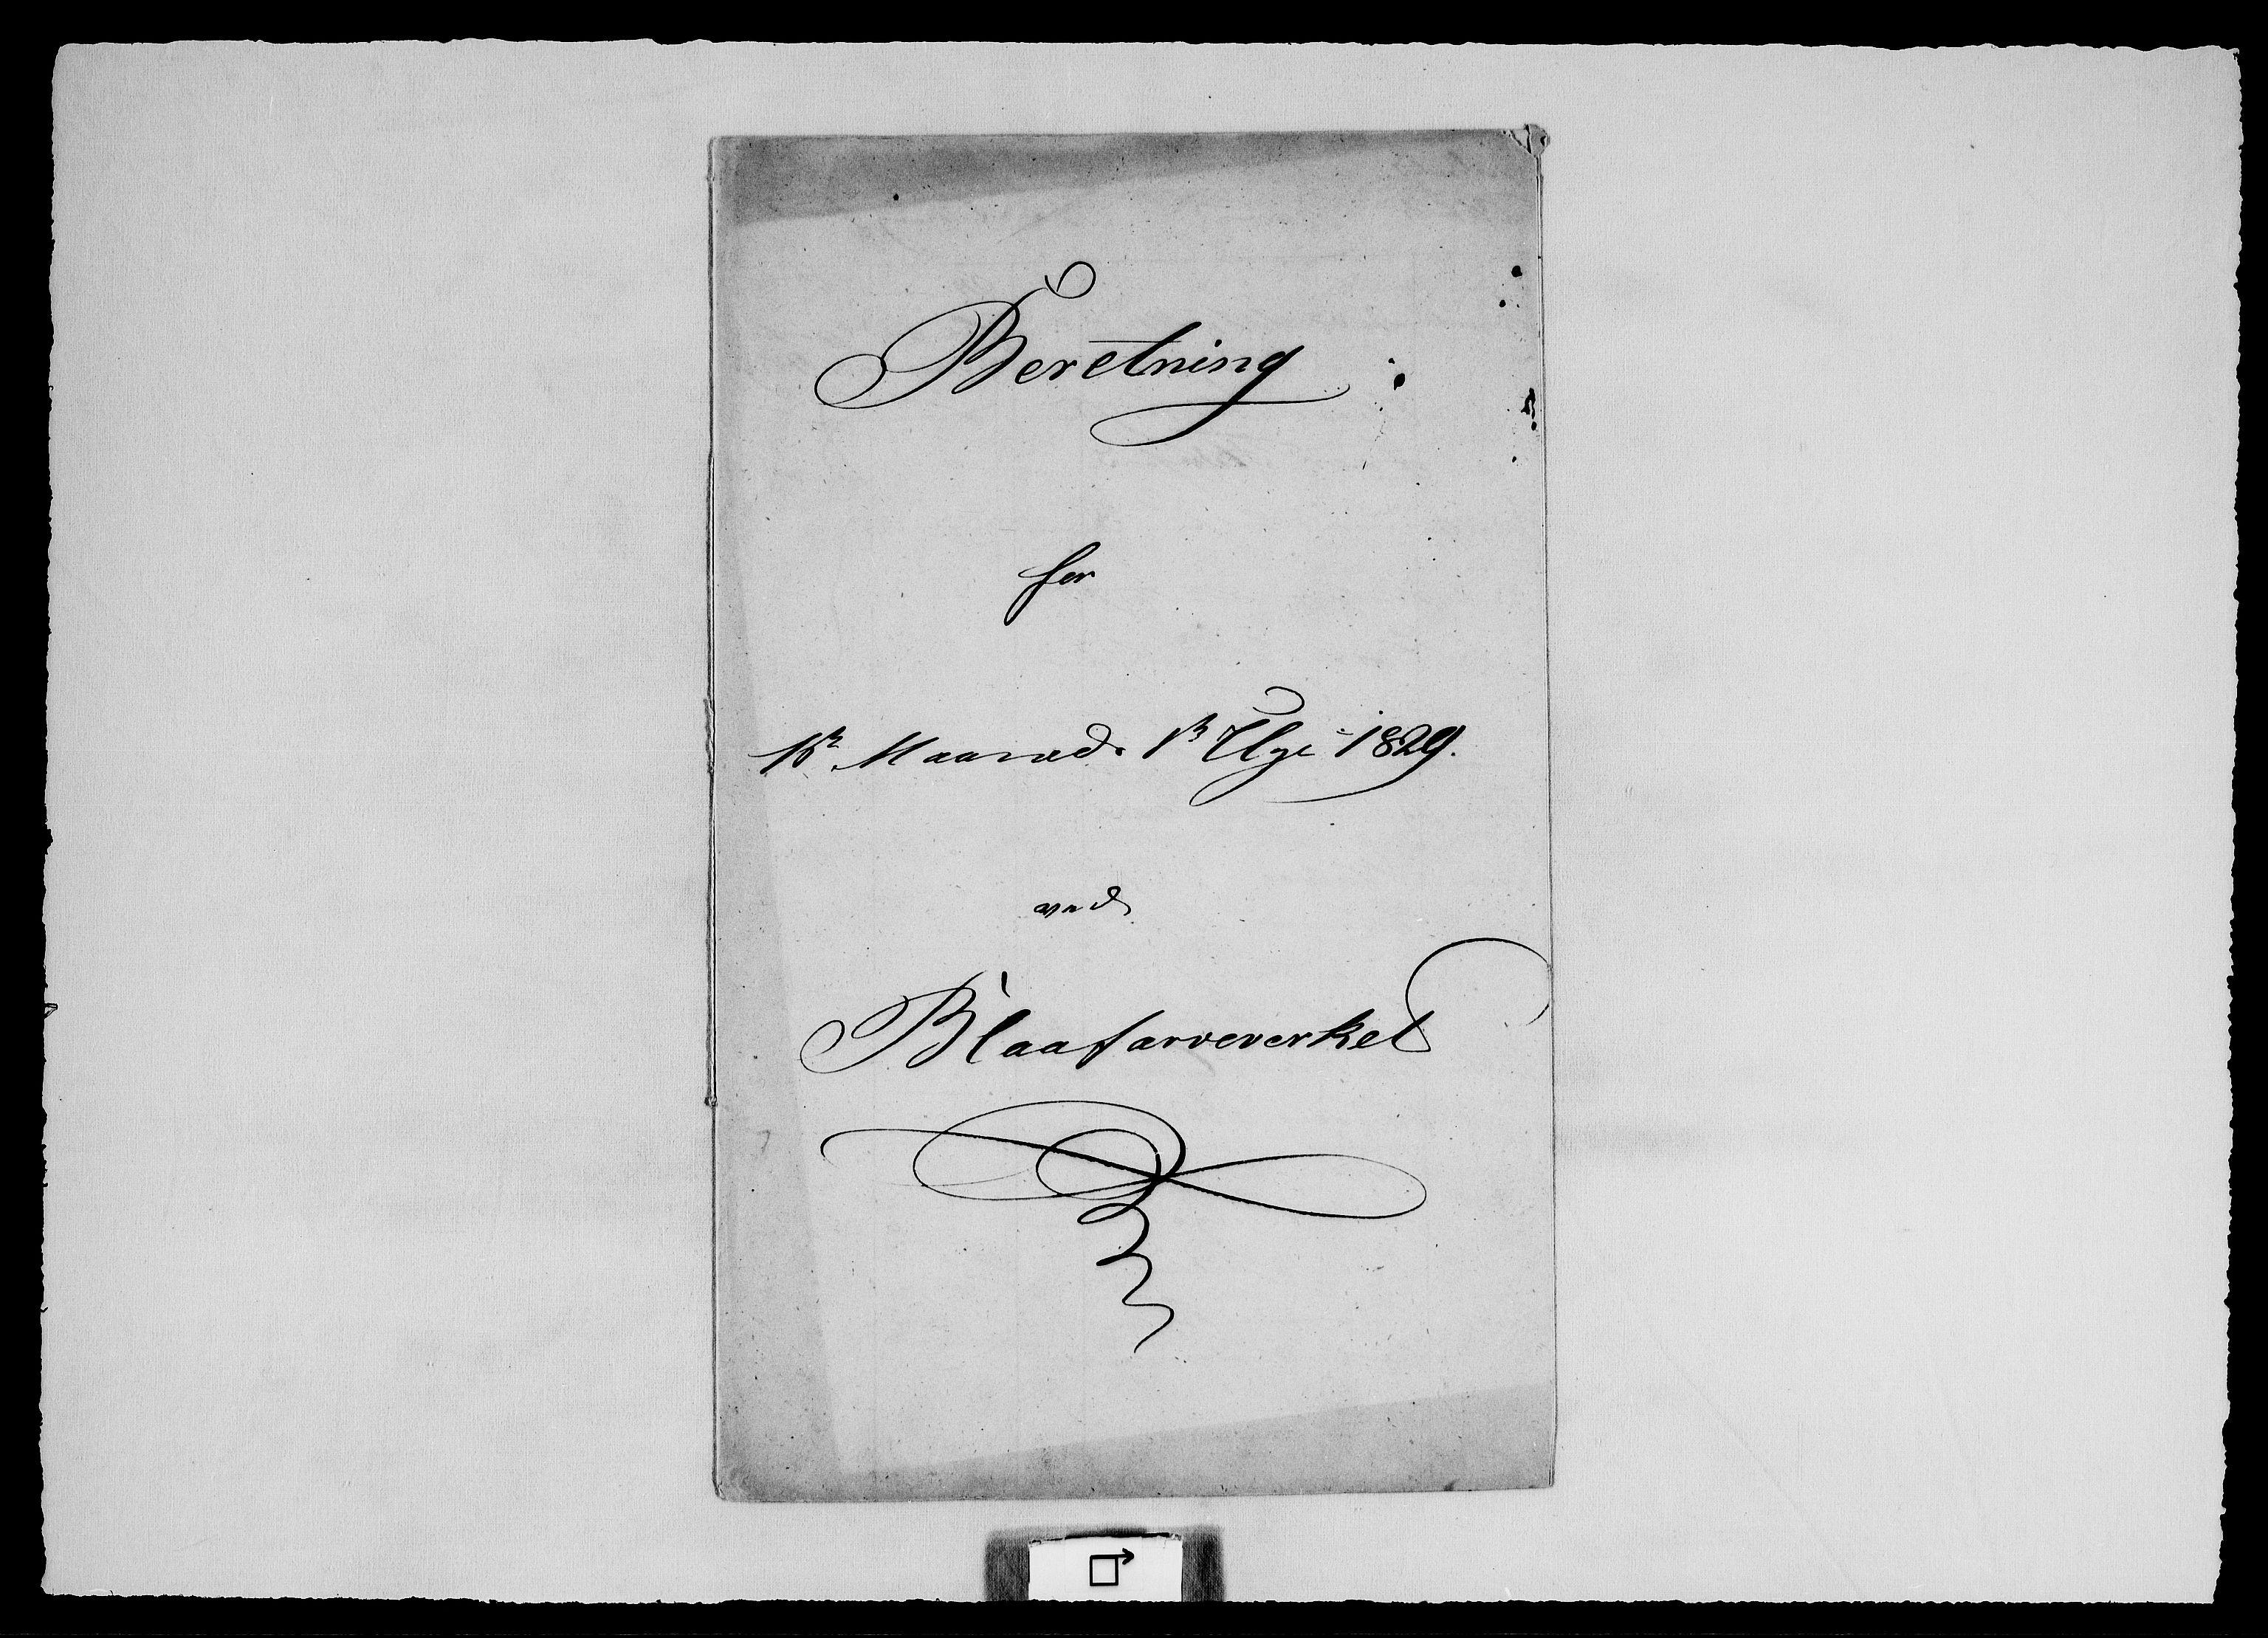 RA, Modums Blaafarveværk, G/Ge/L0320, 1829-1831, s. 2